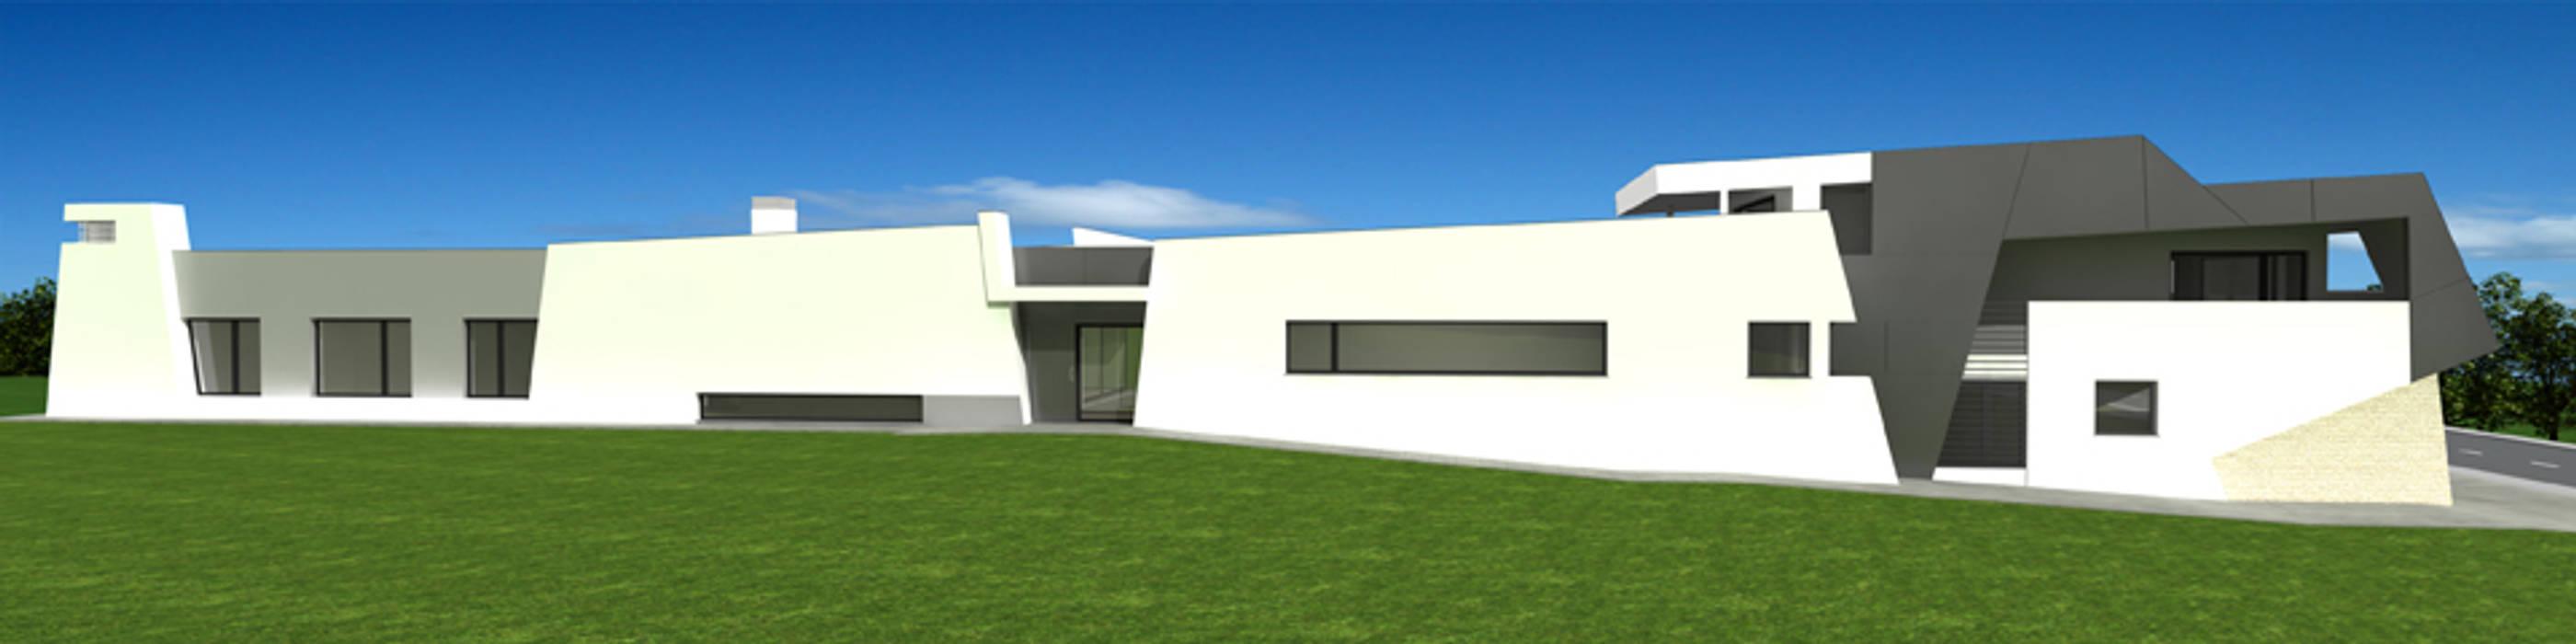 Casa isolada em S. Bernardo, Aveiro: Casas  por José Vitória Arquitectura,